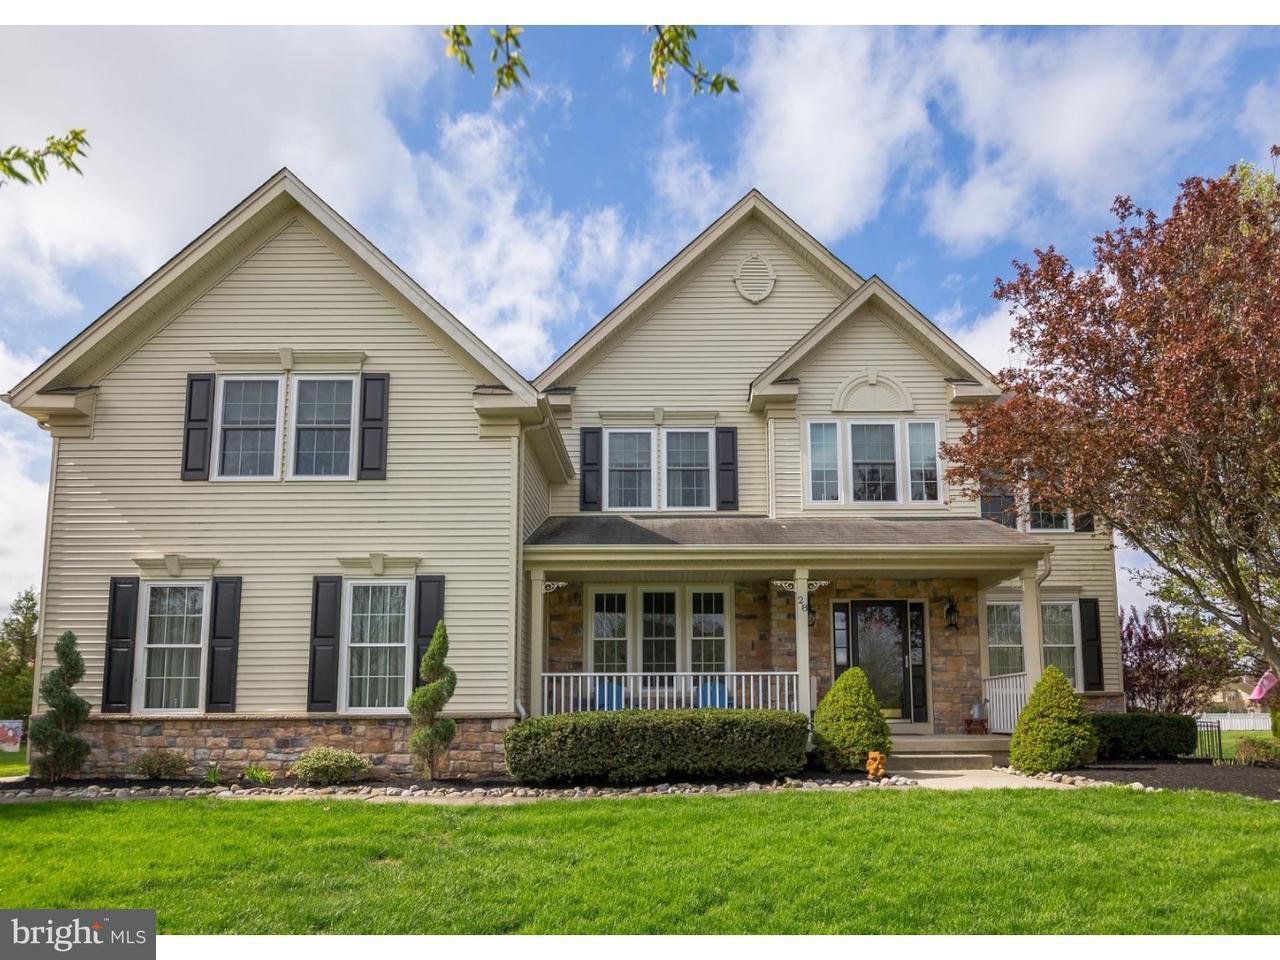 Maison unifamiliale pour l Vente à 28 SHAMROCK Road Lumberton, New Jersey 08048 États-Unis